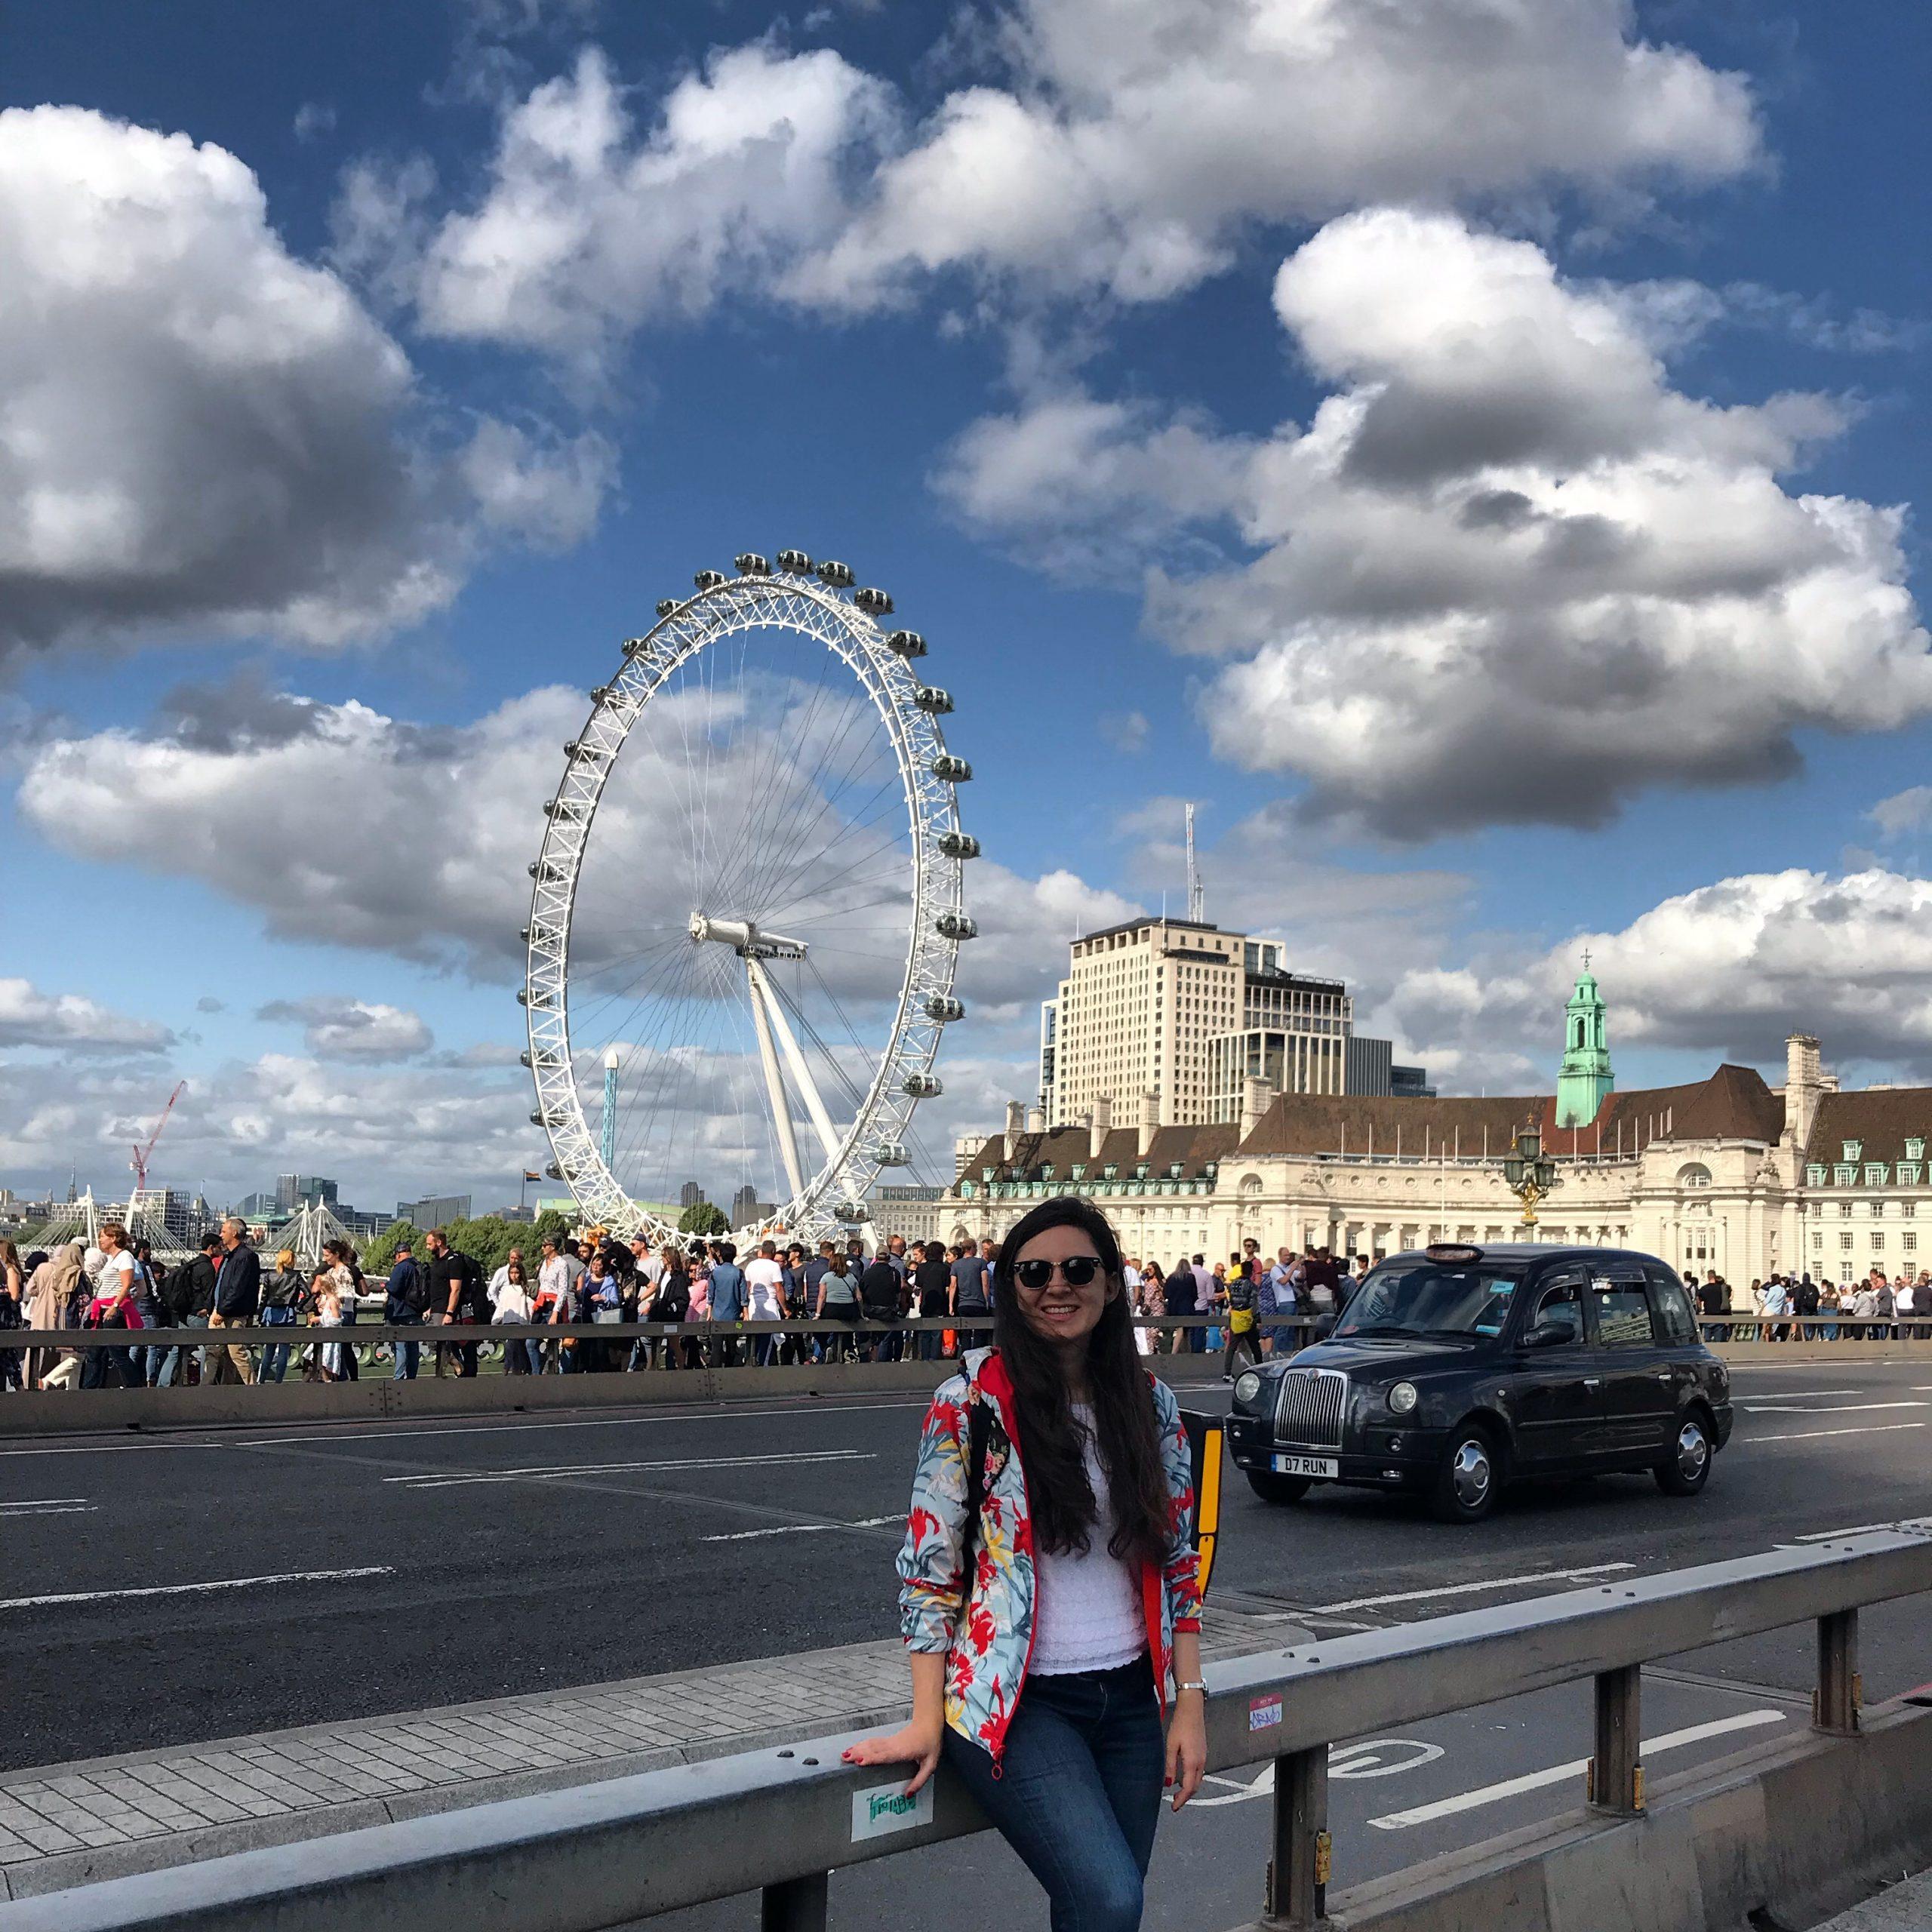 LONDRA GEZİ REHBERİ